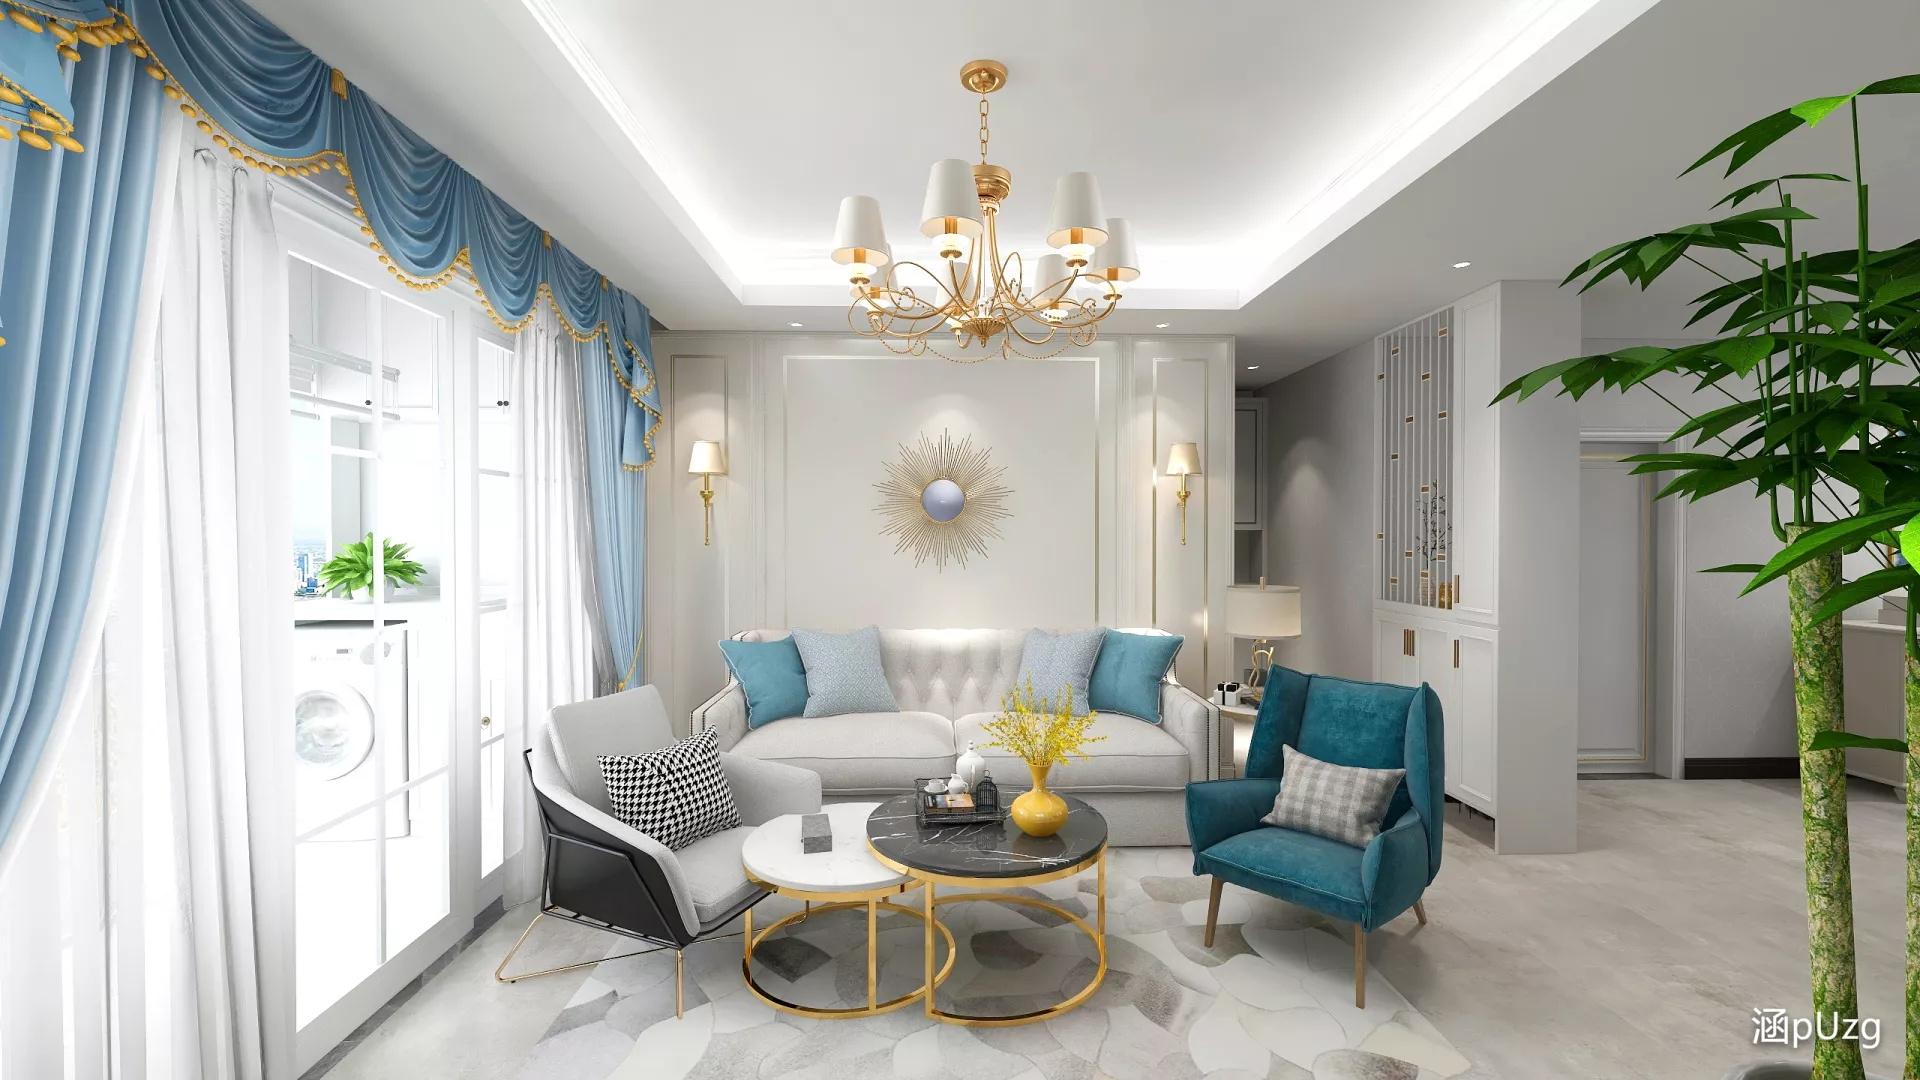 家庭装修风格有哪些 如何选择适合的装修风格